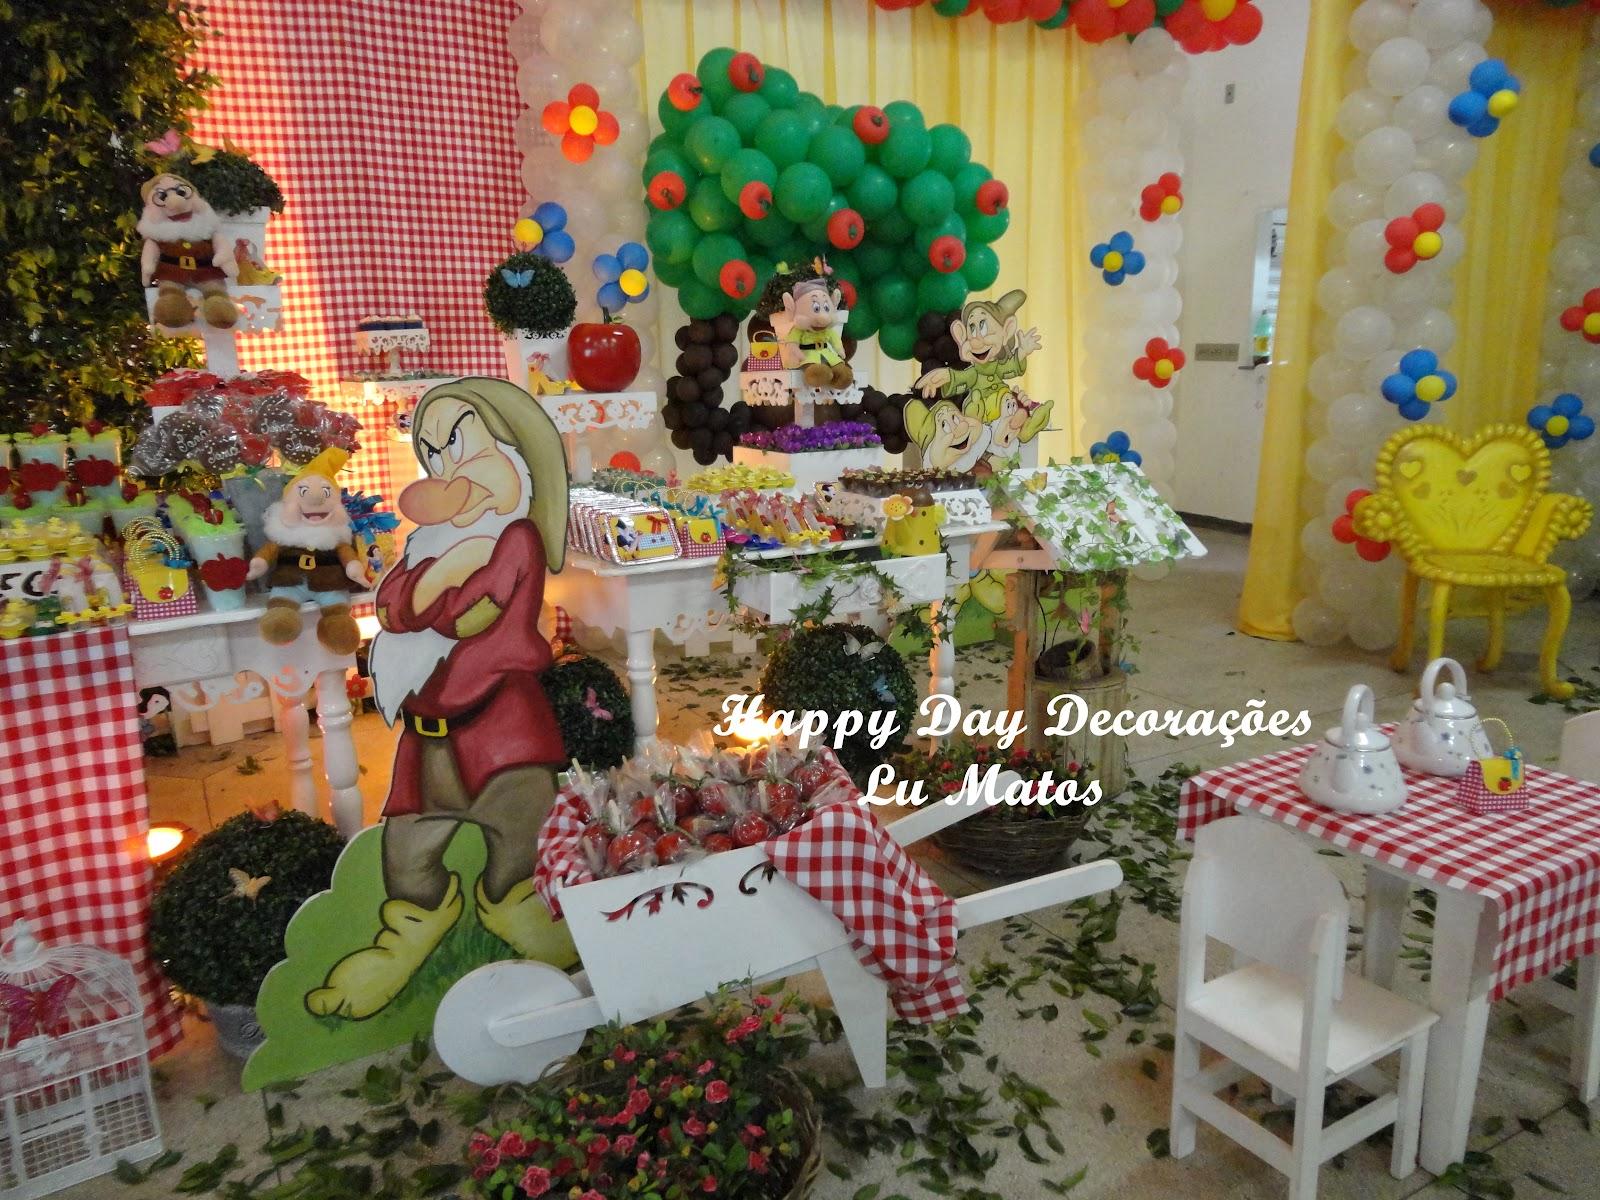 decoracao festa infantil branca de neve provencal : decoracao festa infantil branca de neve provencal:Luciana A. Matos: BRANCA DE NEVE – PROVENÇAL